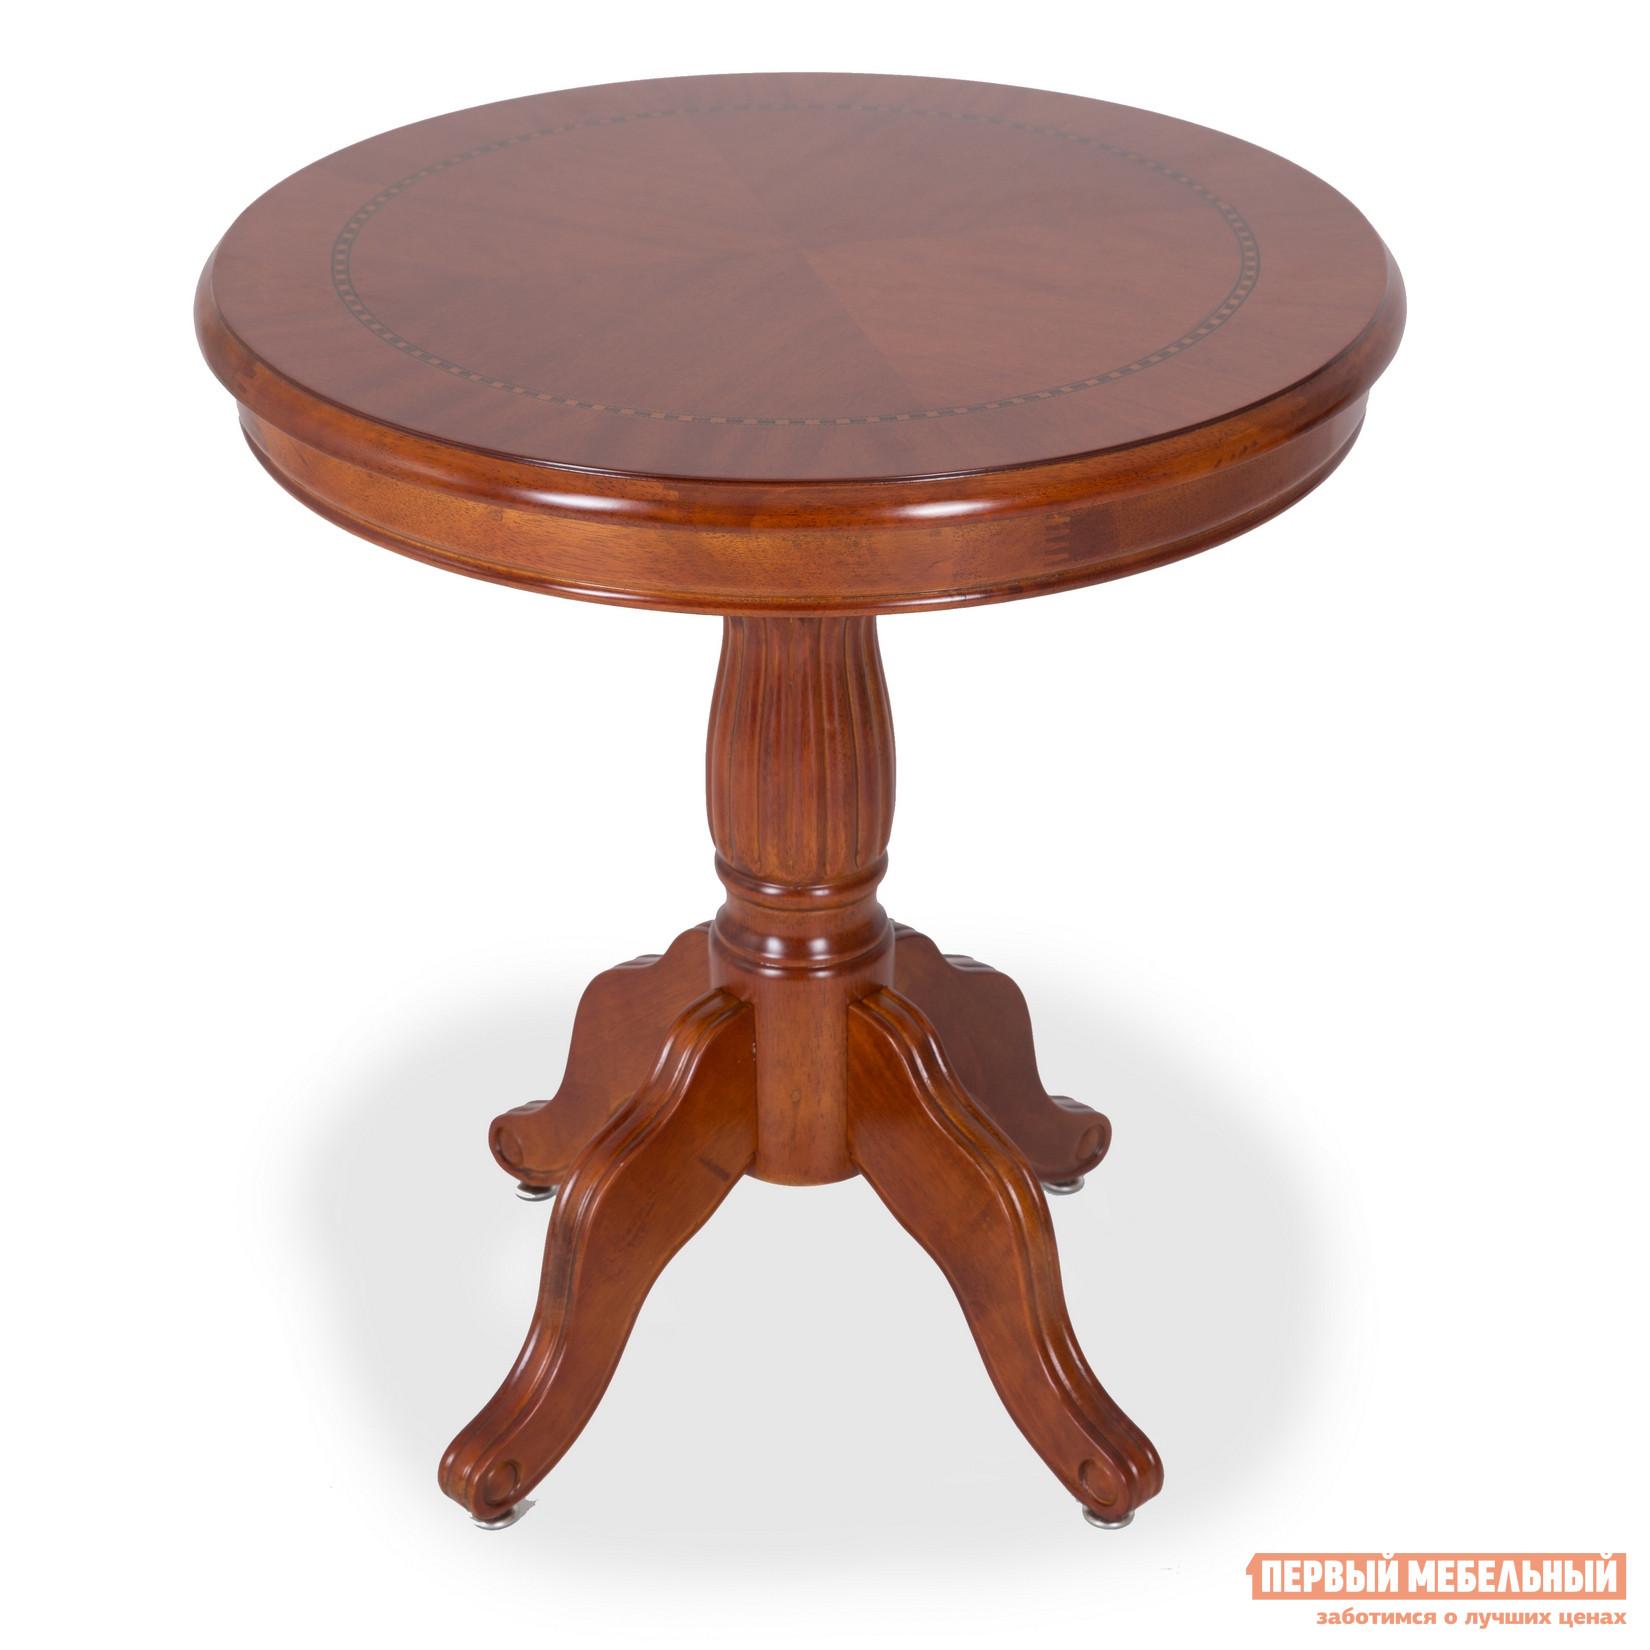 Журнальный столик круглый деревянный Бентли Трейд C100